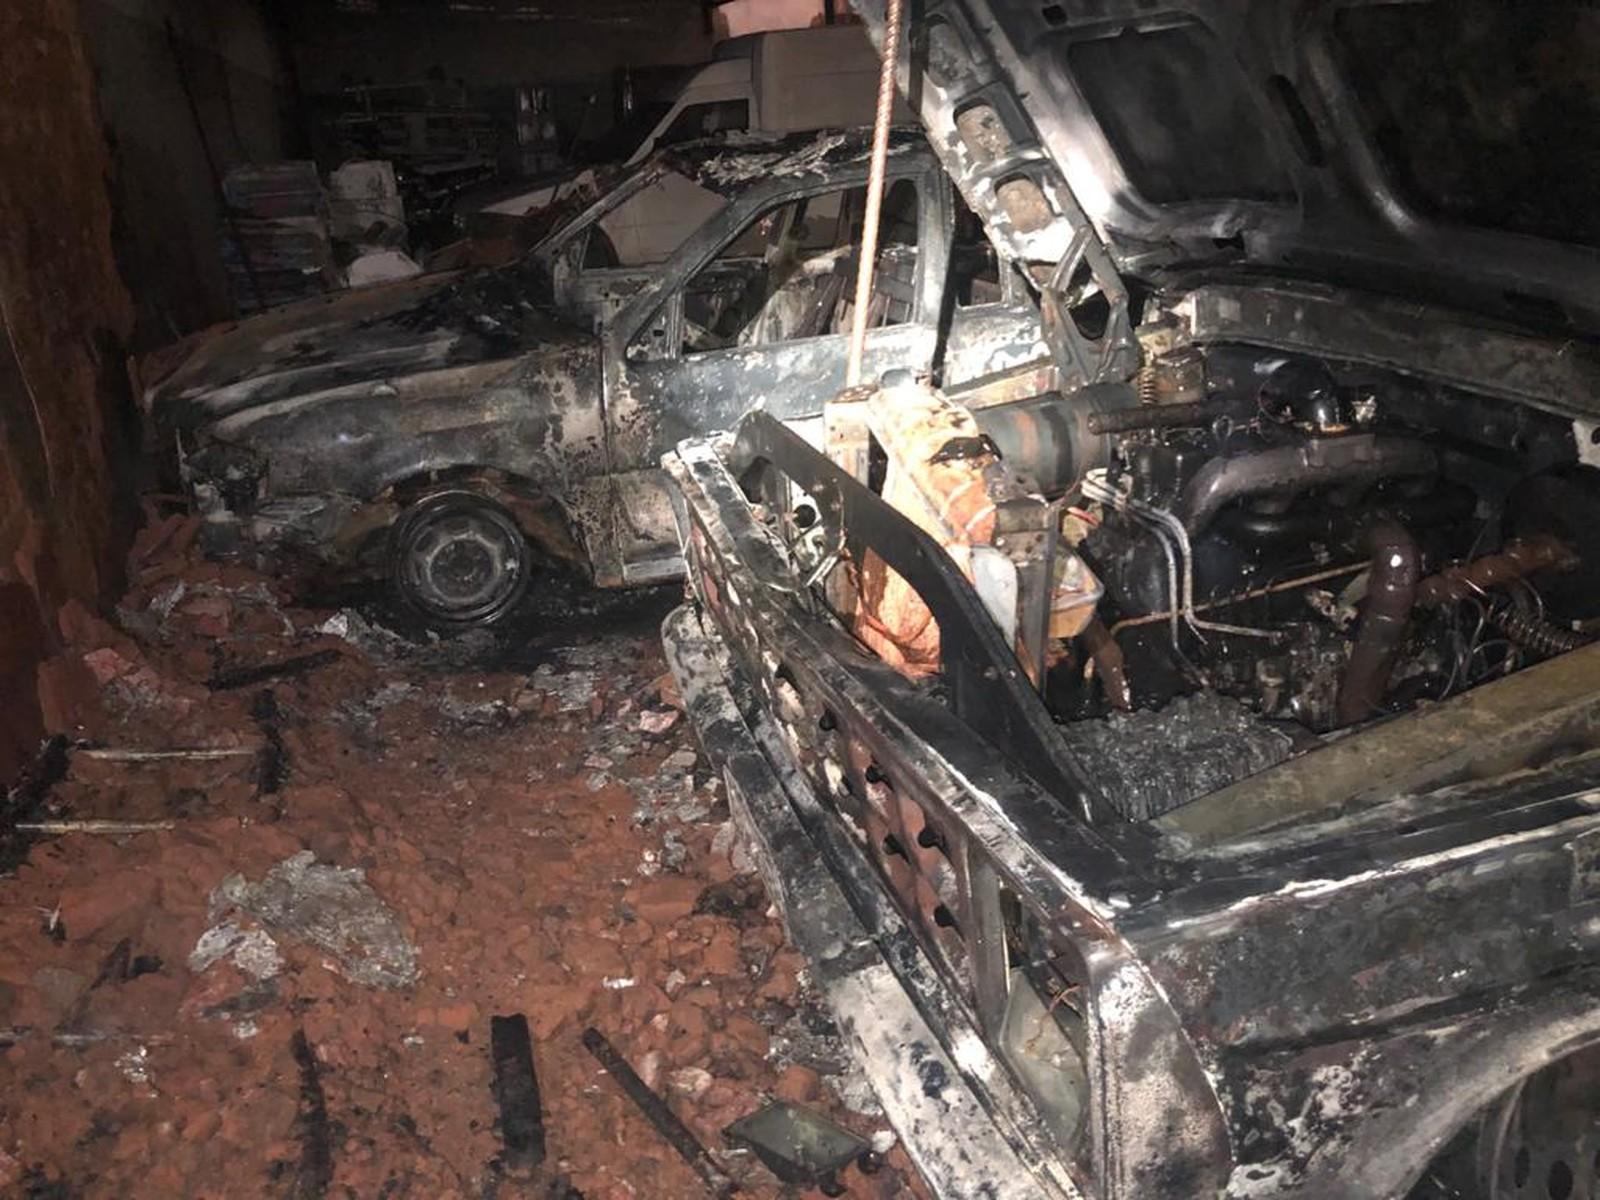 Ninguém se feriu e as chamas foram controladas por um caminhão-pipa da prefeitura — Foto: Corpo de Bombeiros/Divulgação